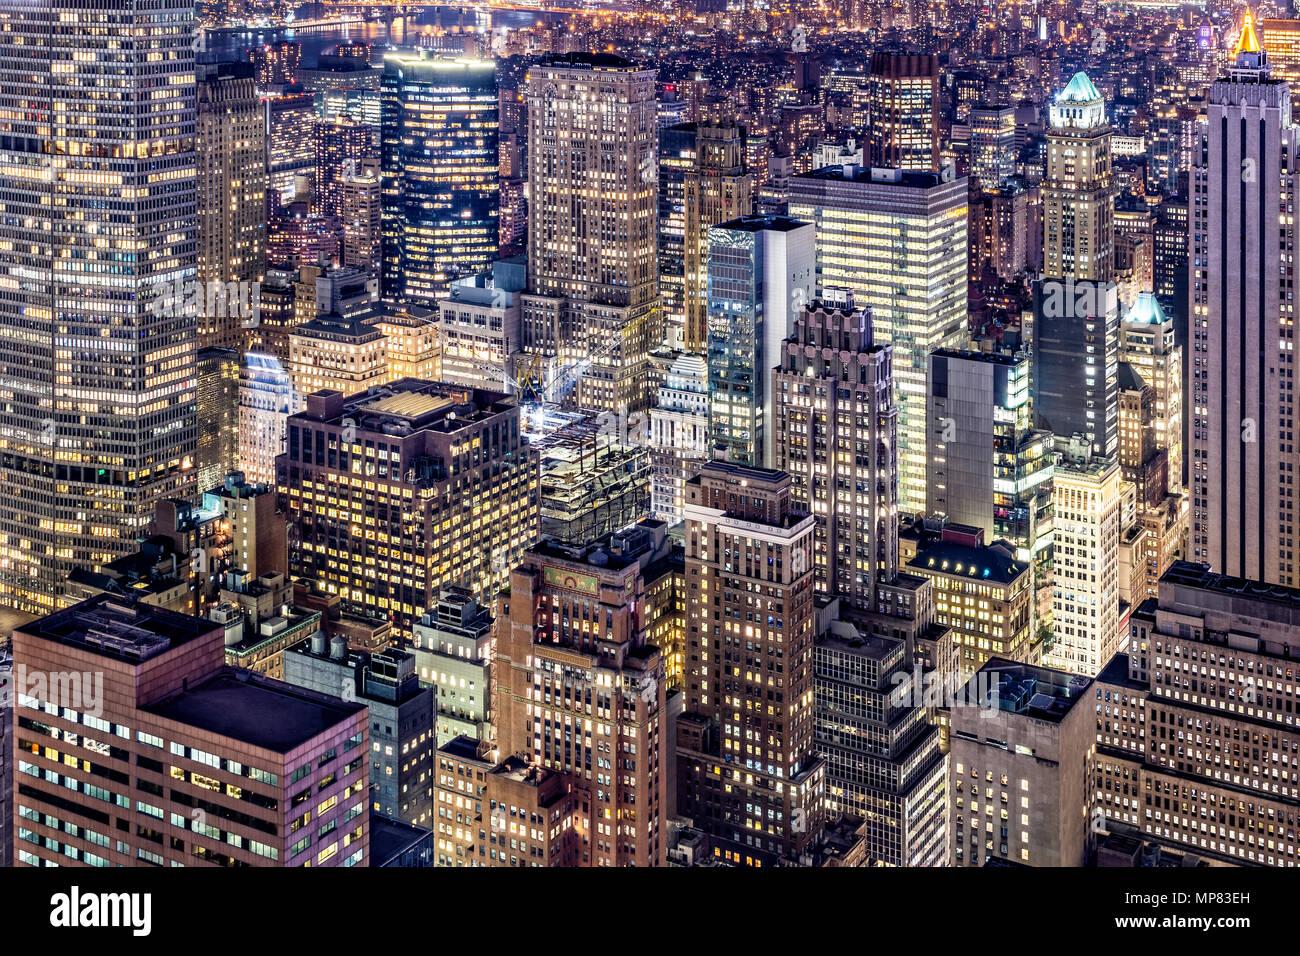 Luftaufnahme von Manhattan Wolkenkratzer bei Nacht Stockbild